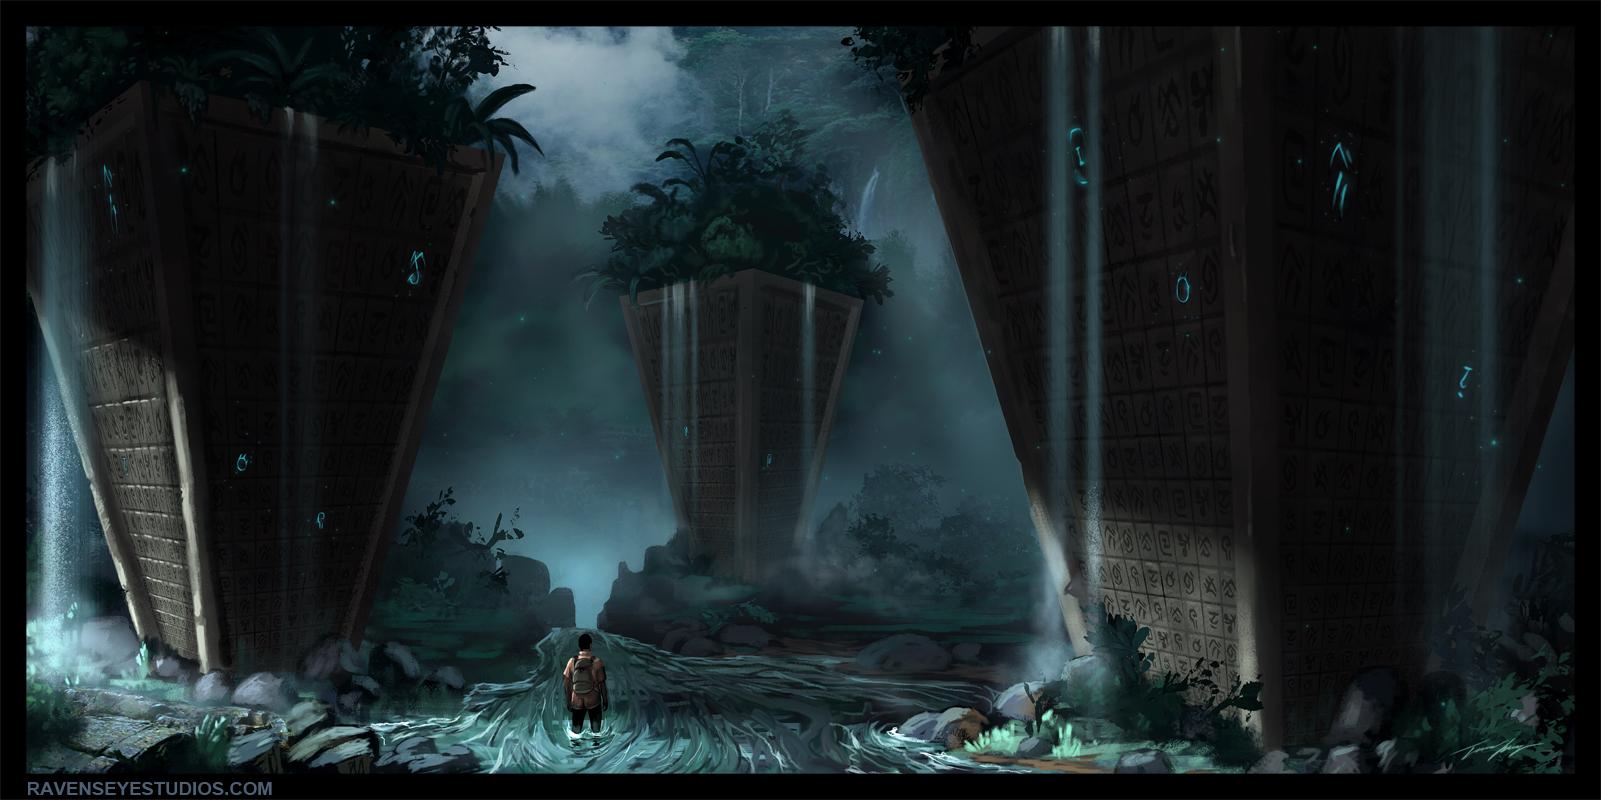 Jungle Waterfall Pylon